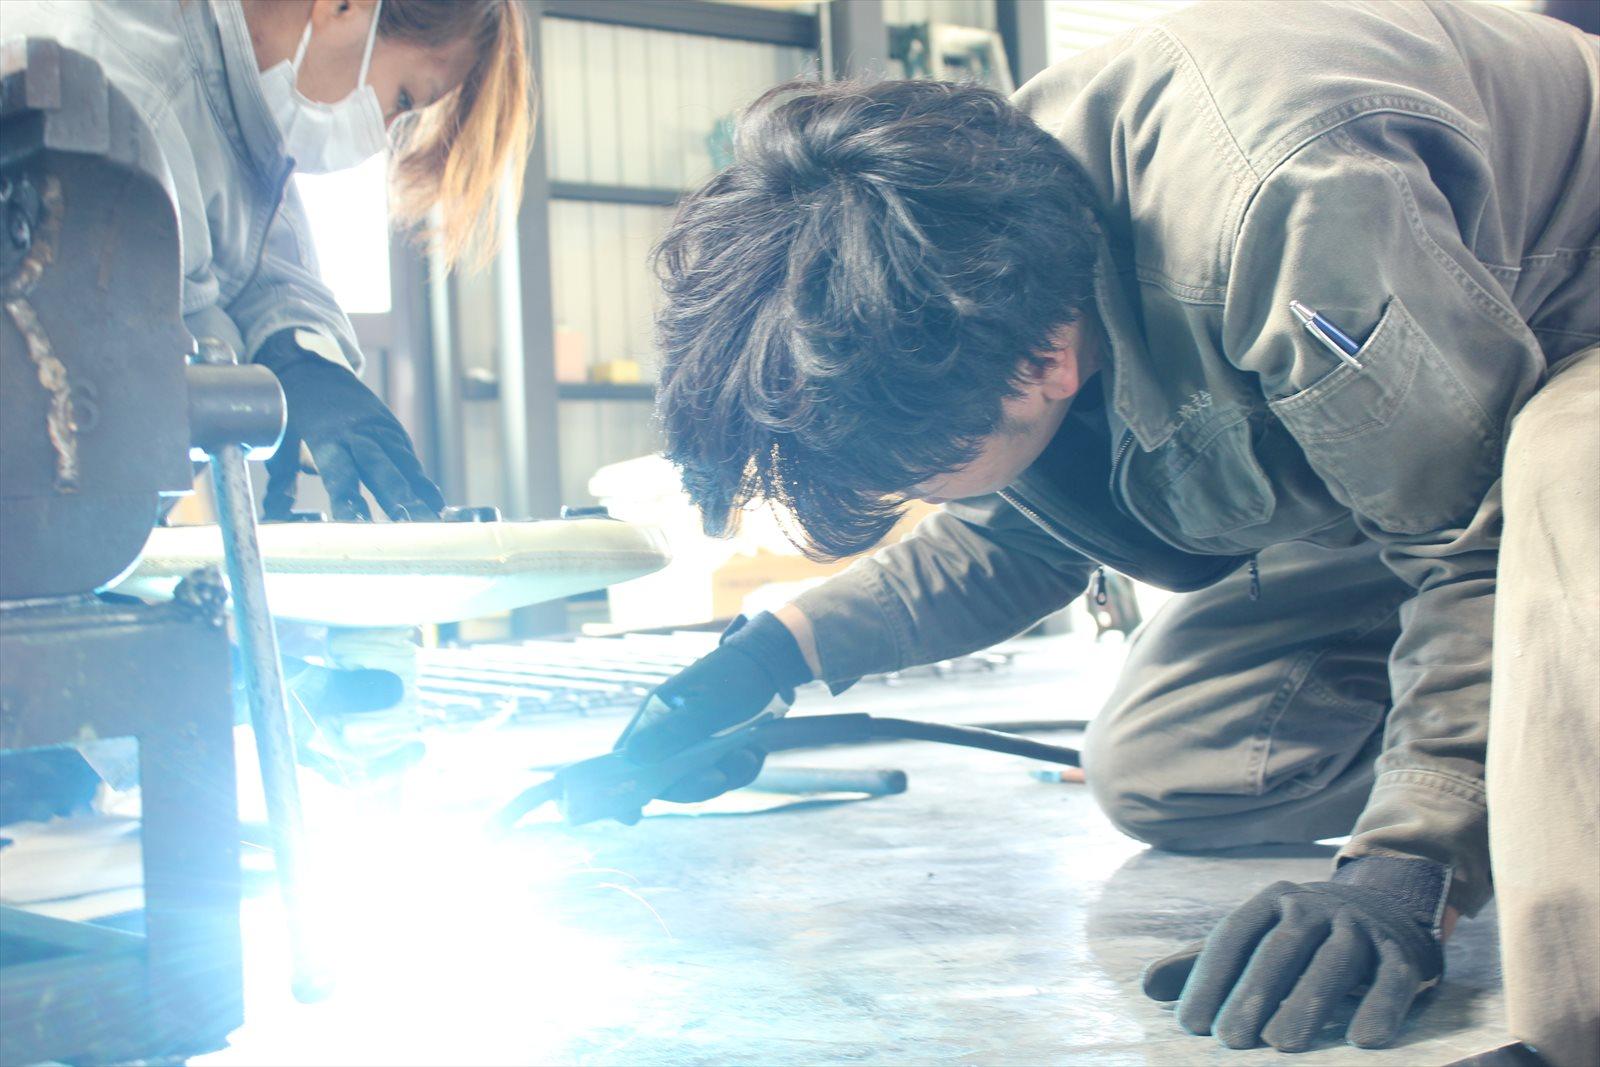 鉄製品だけに限らず従来の豊岡溶工のお仕事もこなす